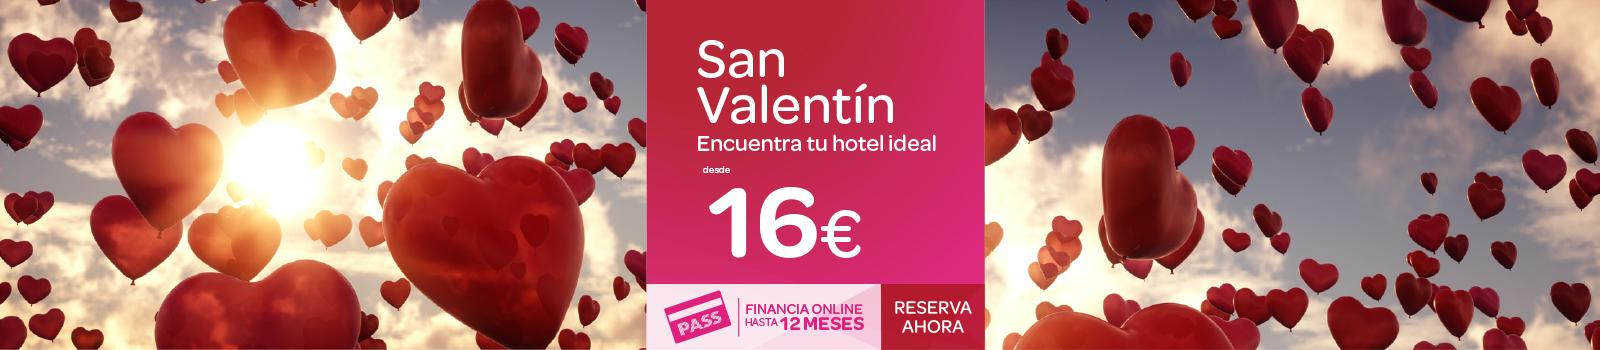 Ofertas Hoteles San Valetín